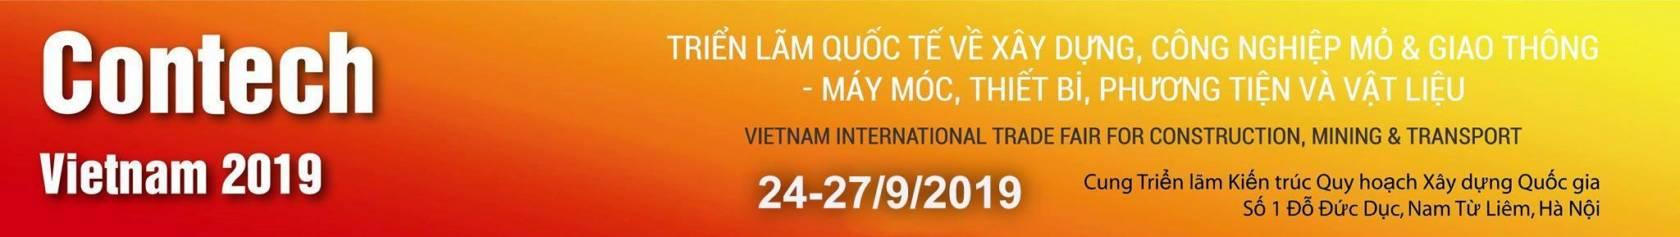 ContechVietnam2019